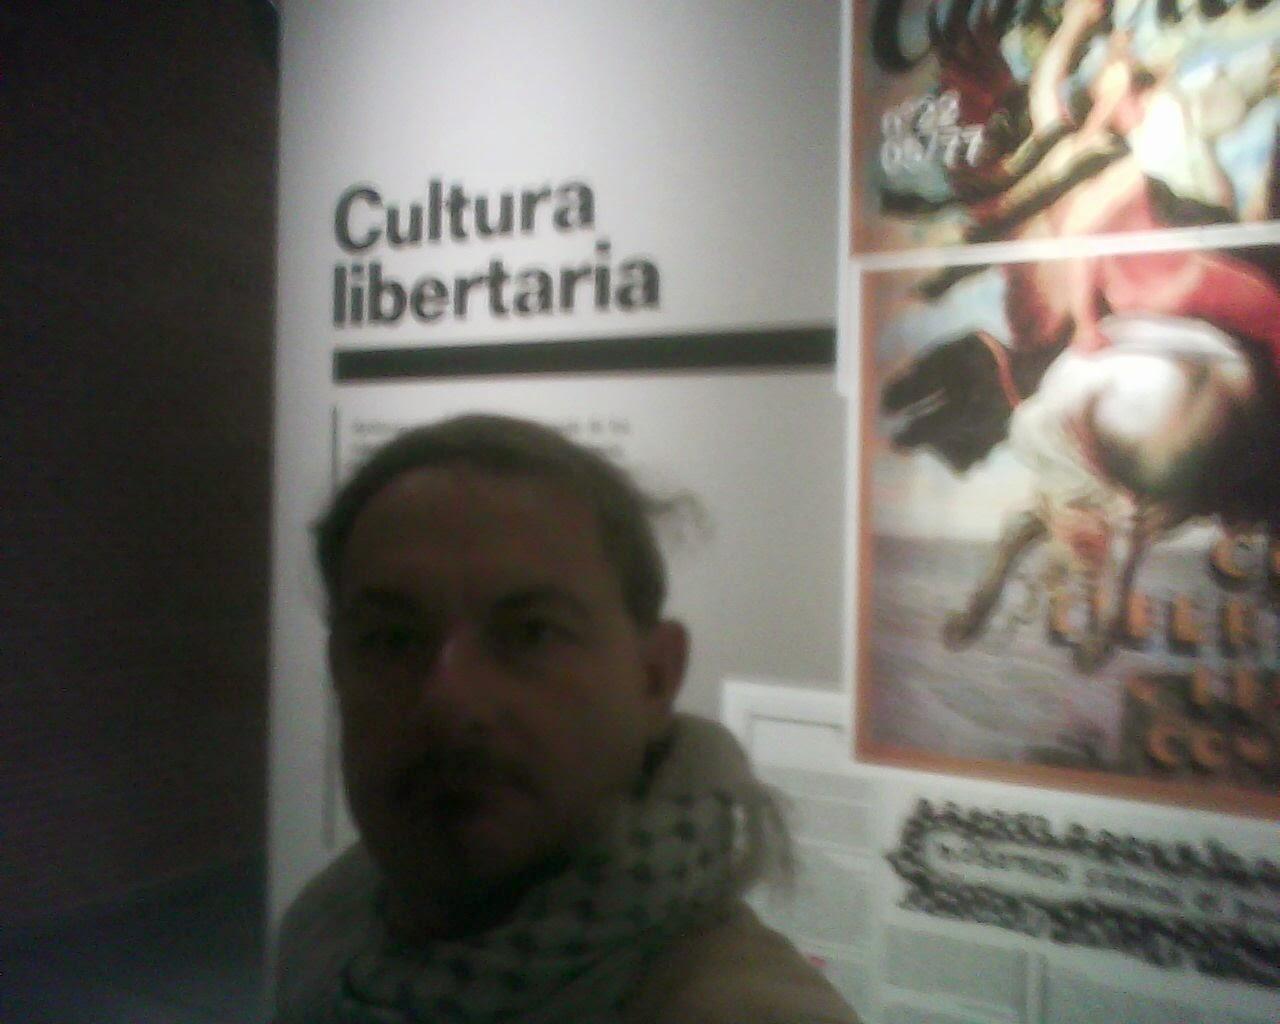 revistas de cultura libertaria